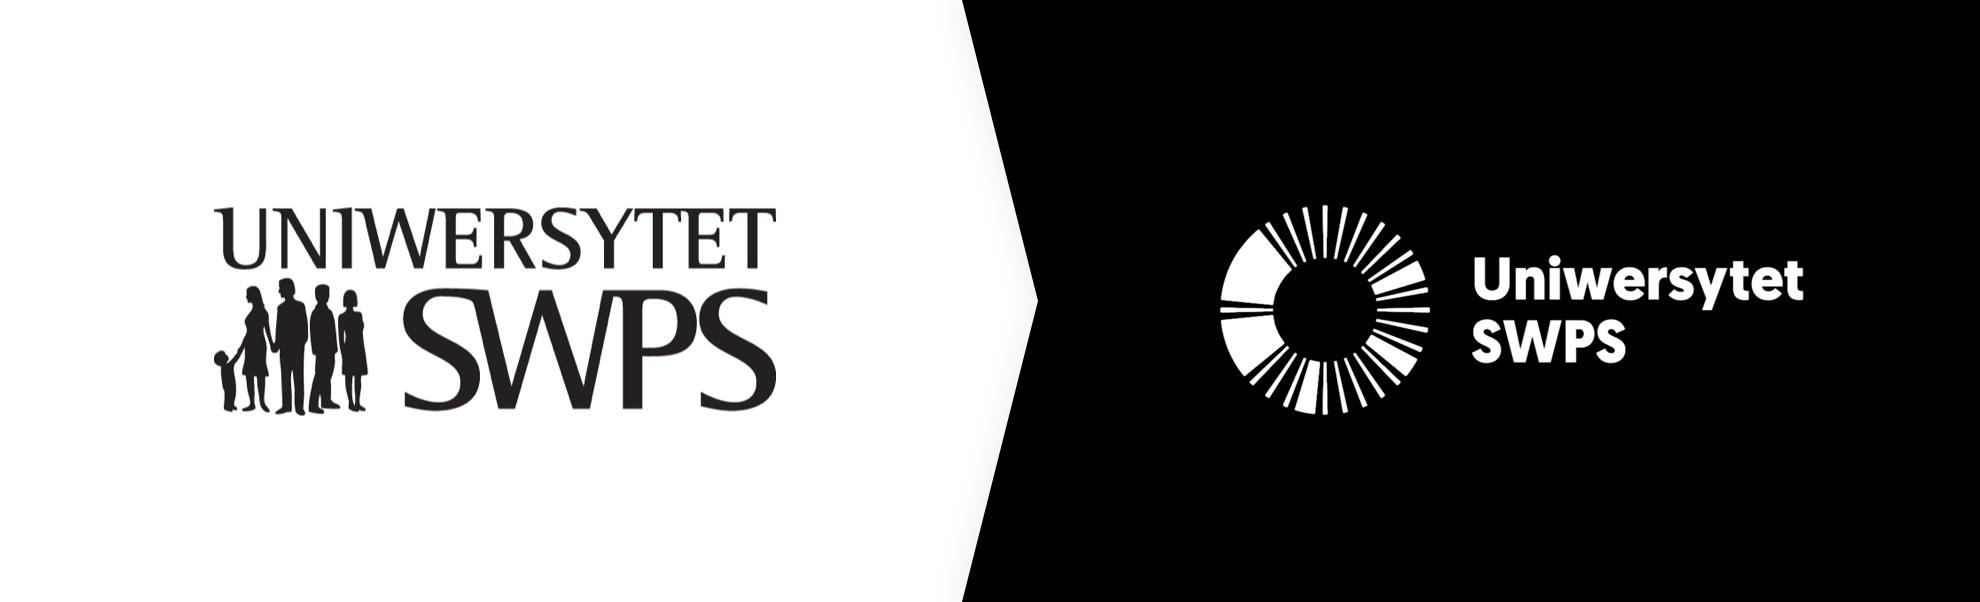 swps nowe logo 2021